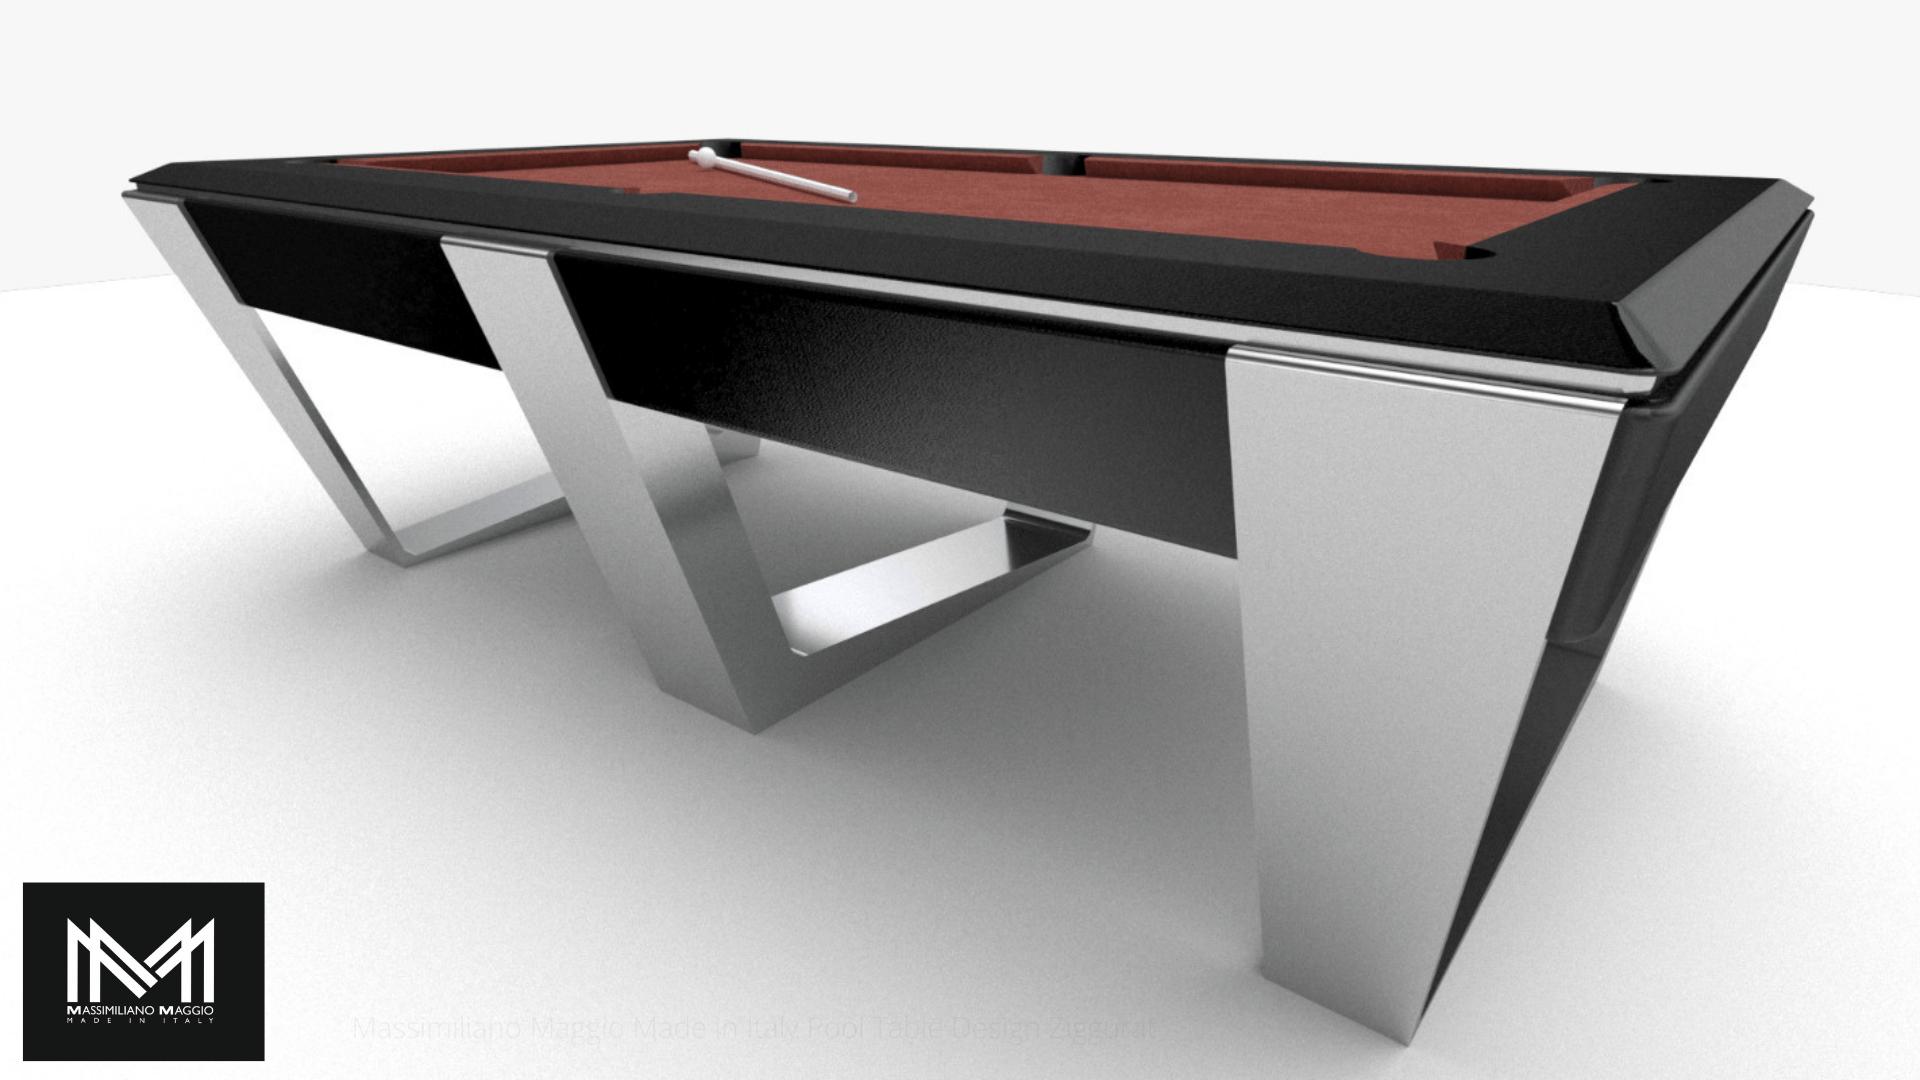 6 M1to Massimiliano Maggio Made in Italy Luxury Pool Table biliardo tavolo.png